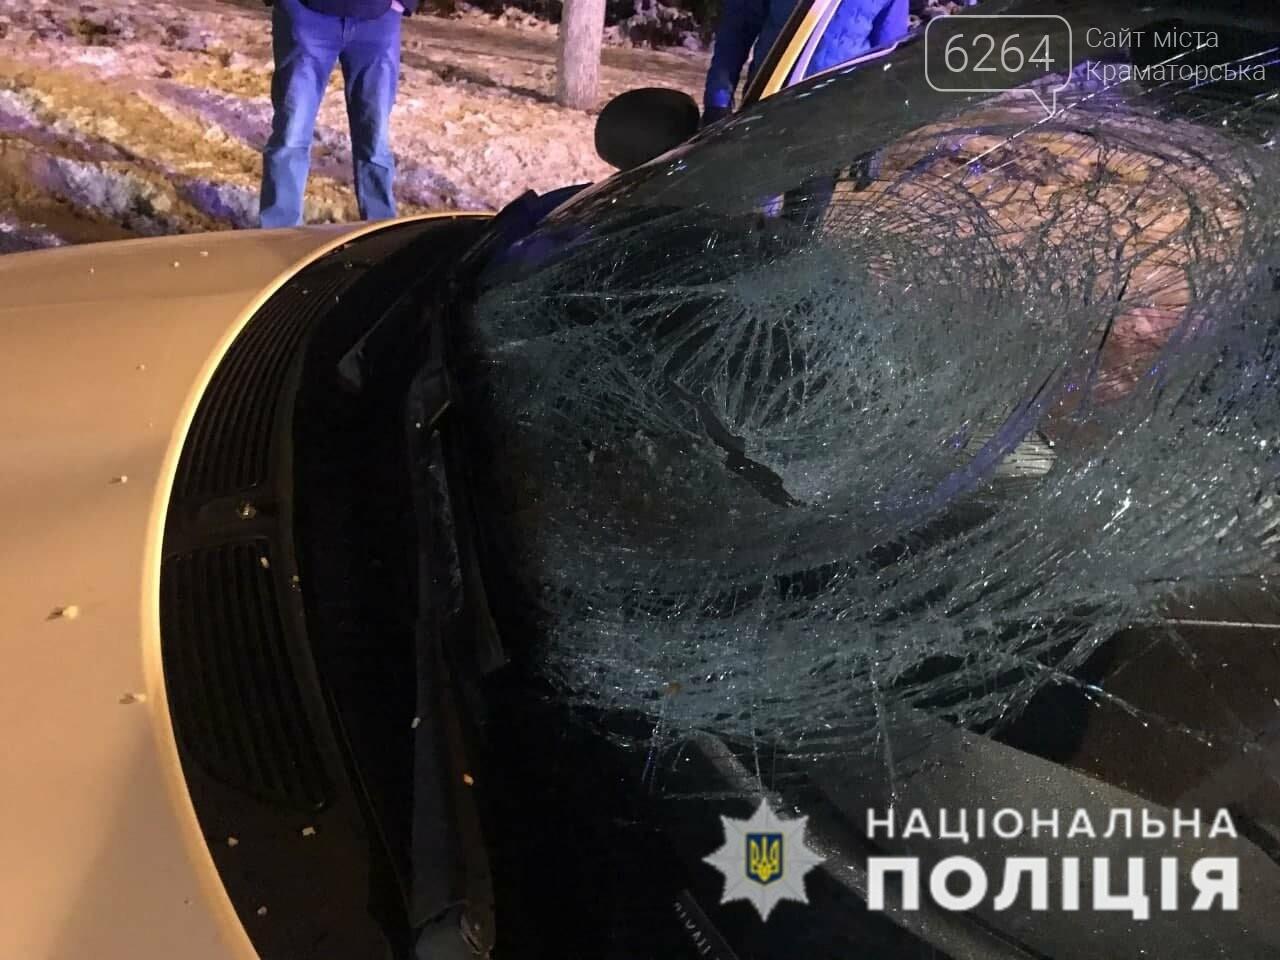 В Краматорске водитель автомобиля «Skoda Fabia» сбил человека на пешеходном переходе, фото-1